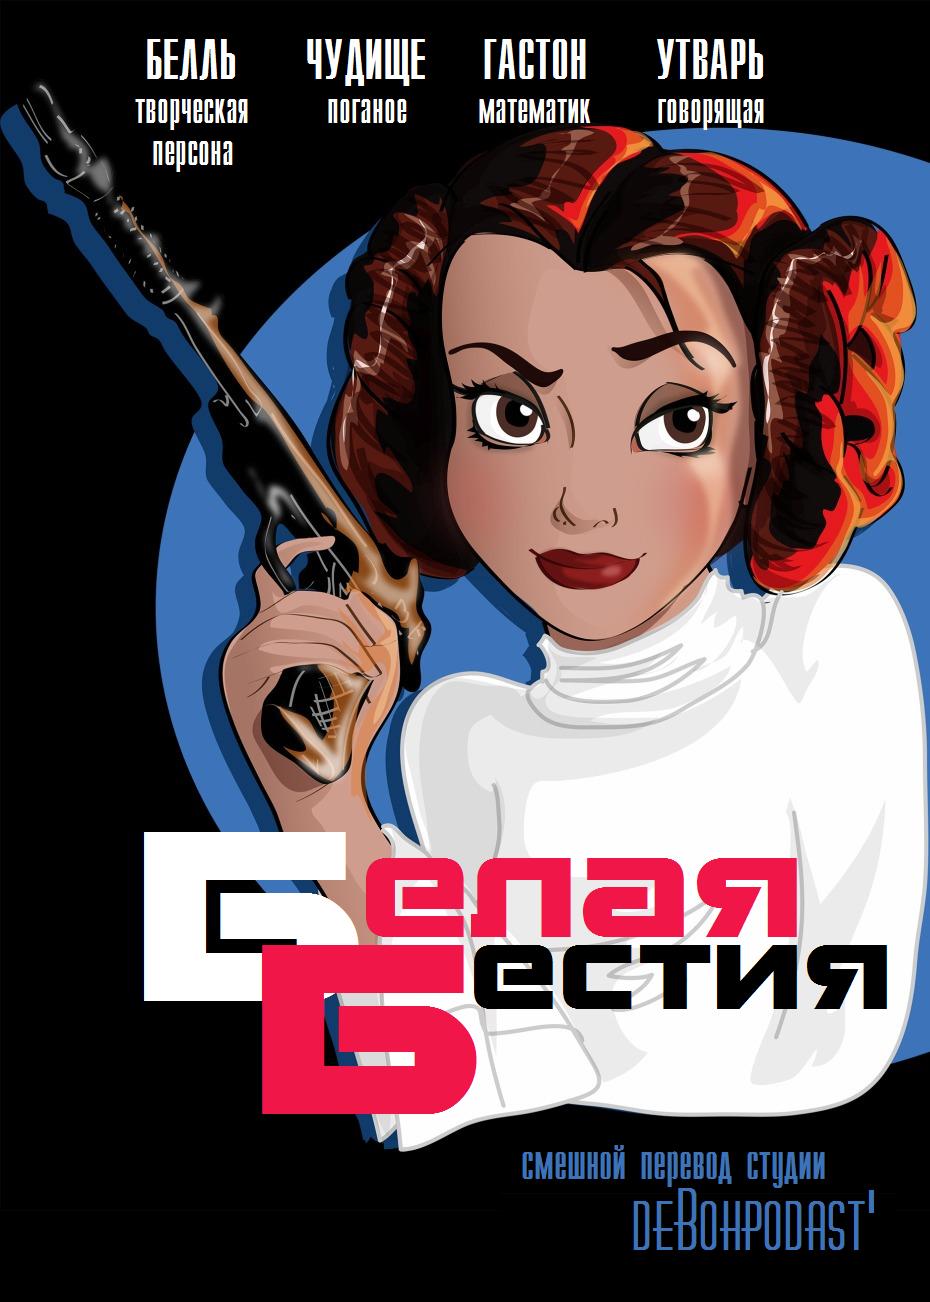 Мультфильм с матами и сиськами фото 391-381